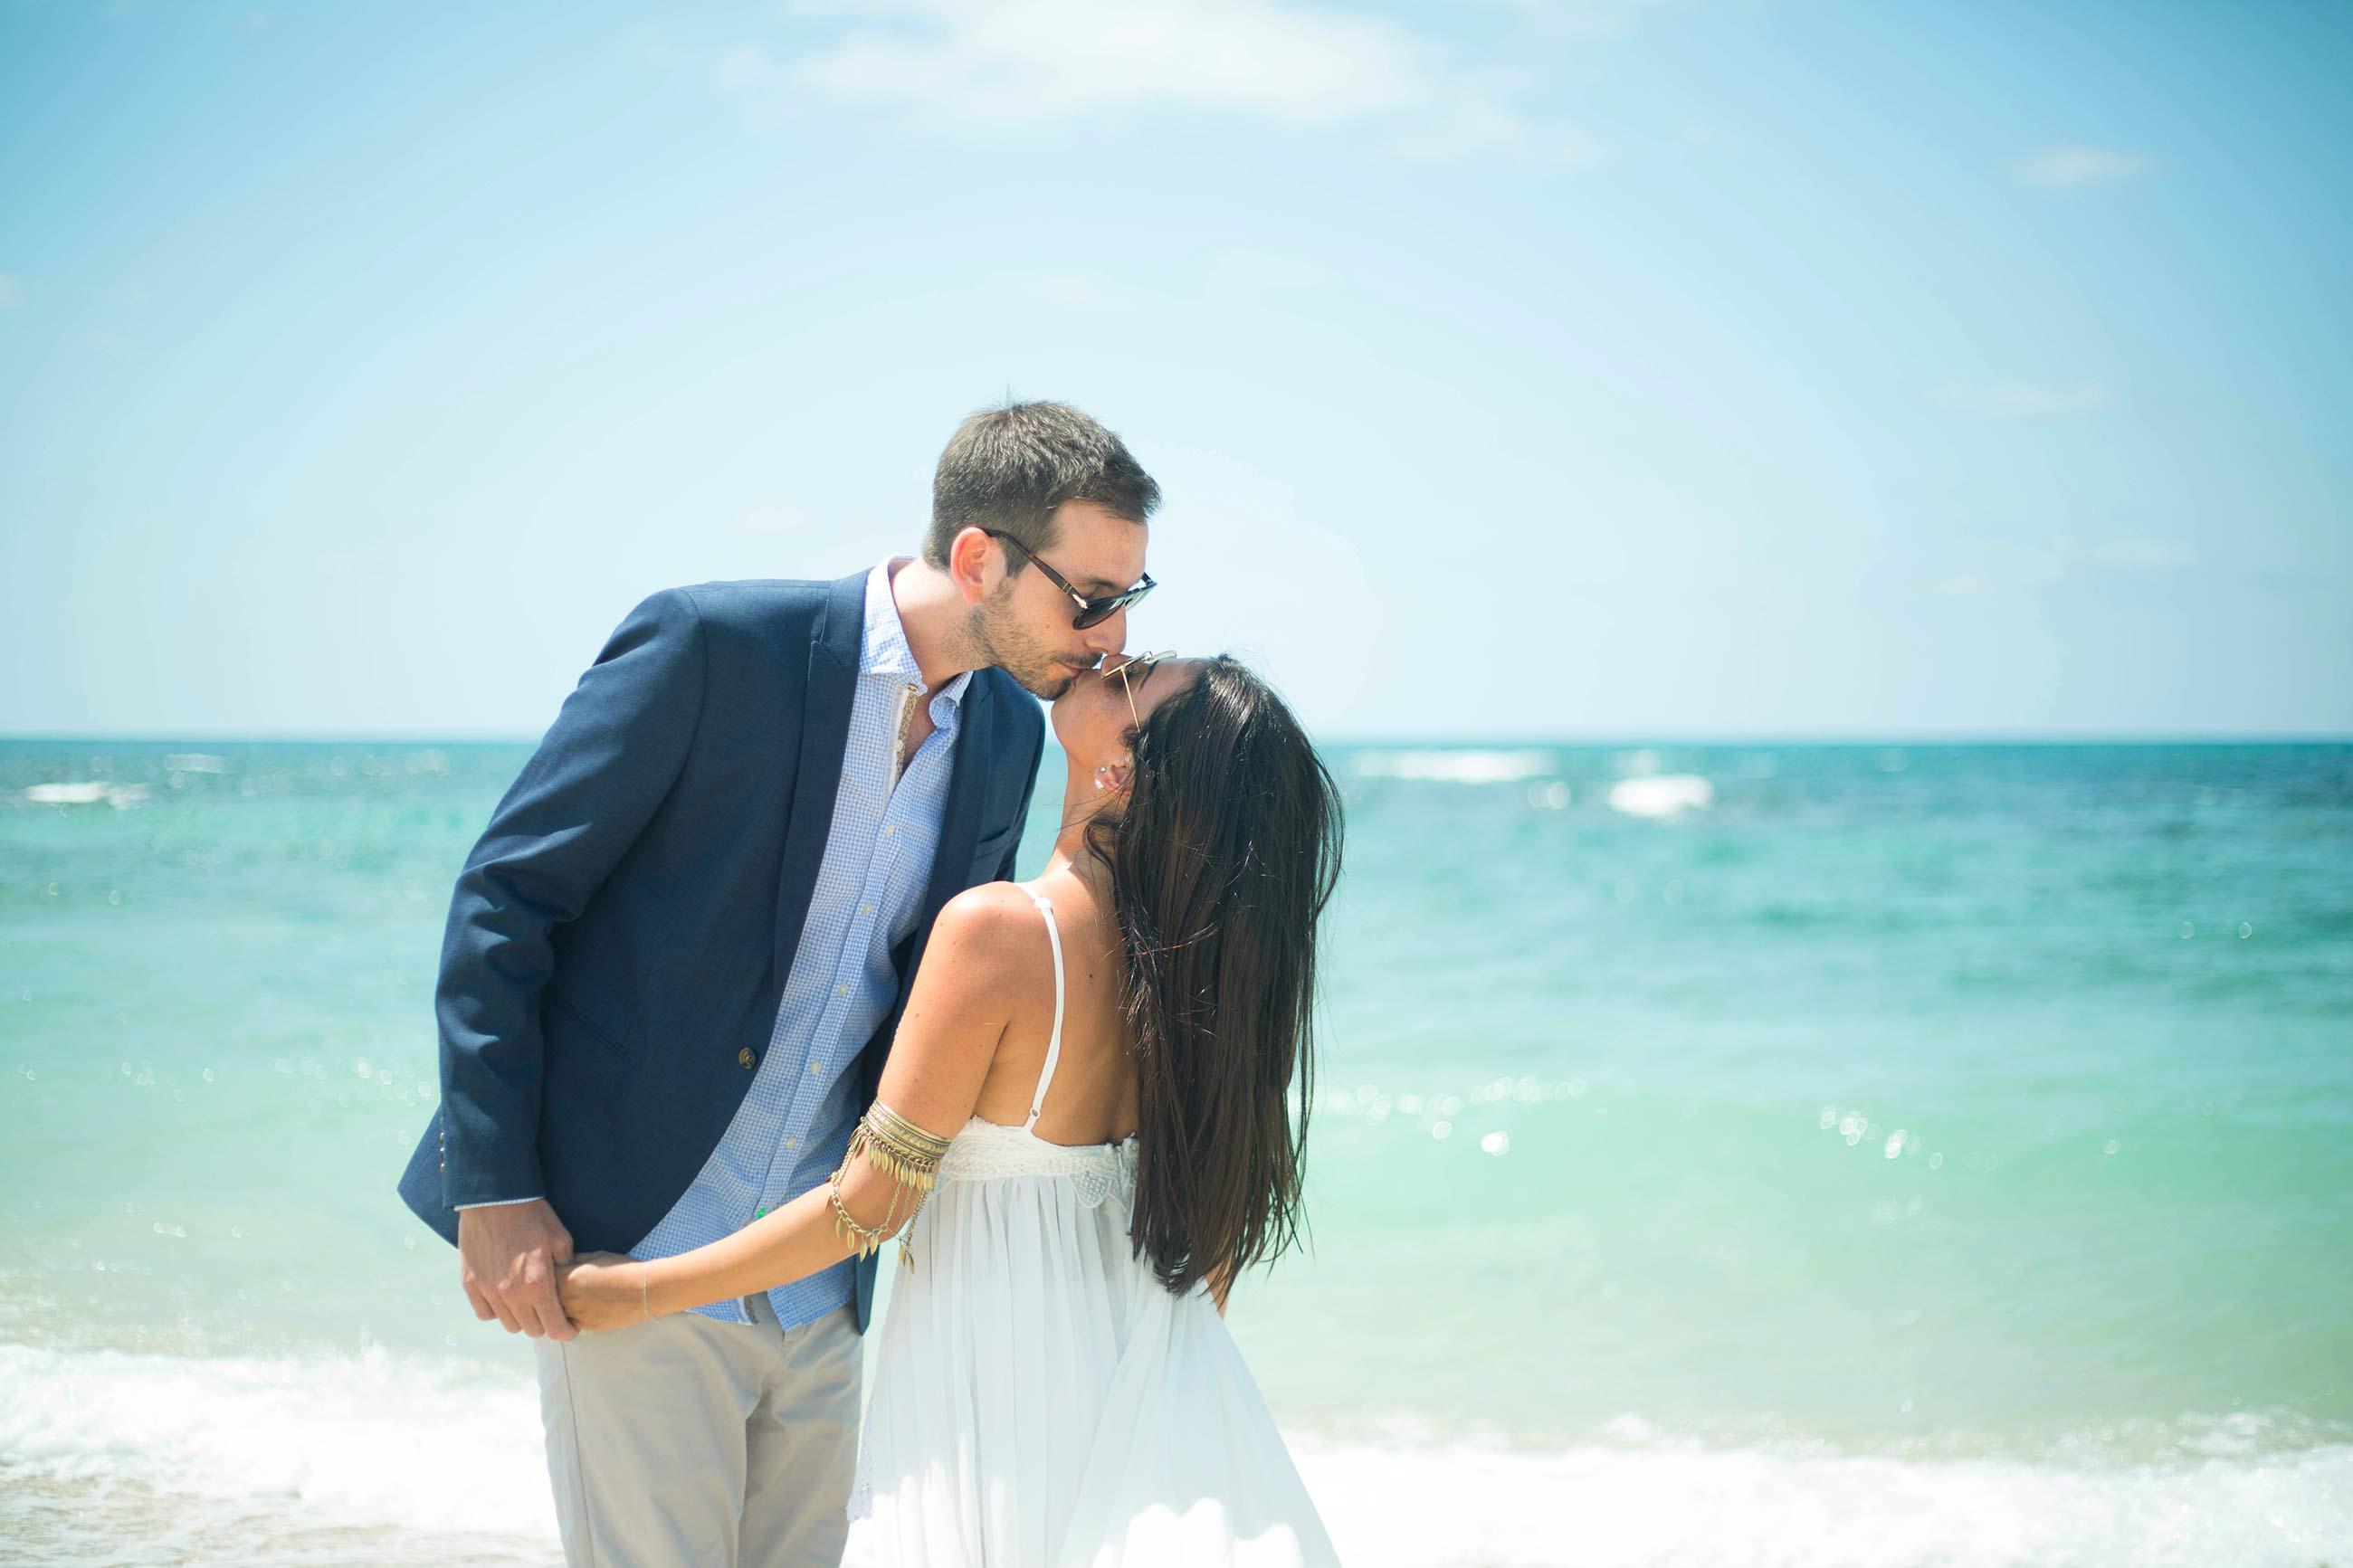 lea-jeremie-mariage-tel-aviv-israel-photographe-paris-video9